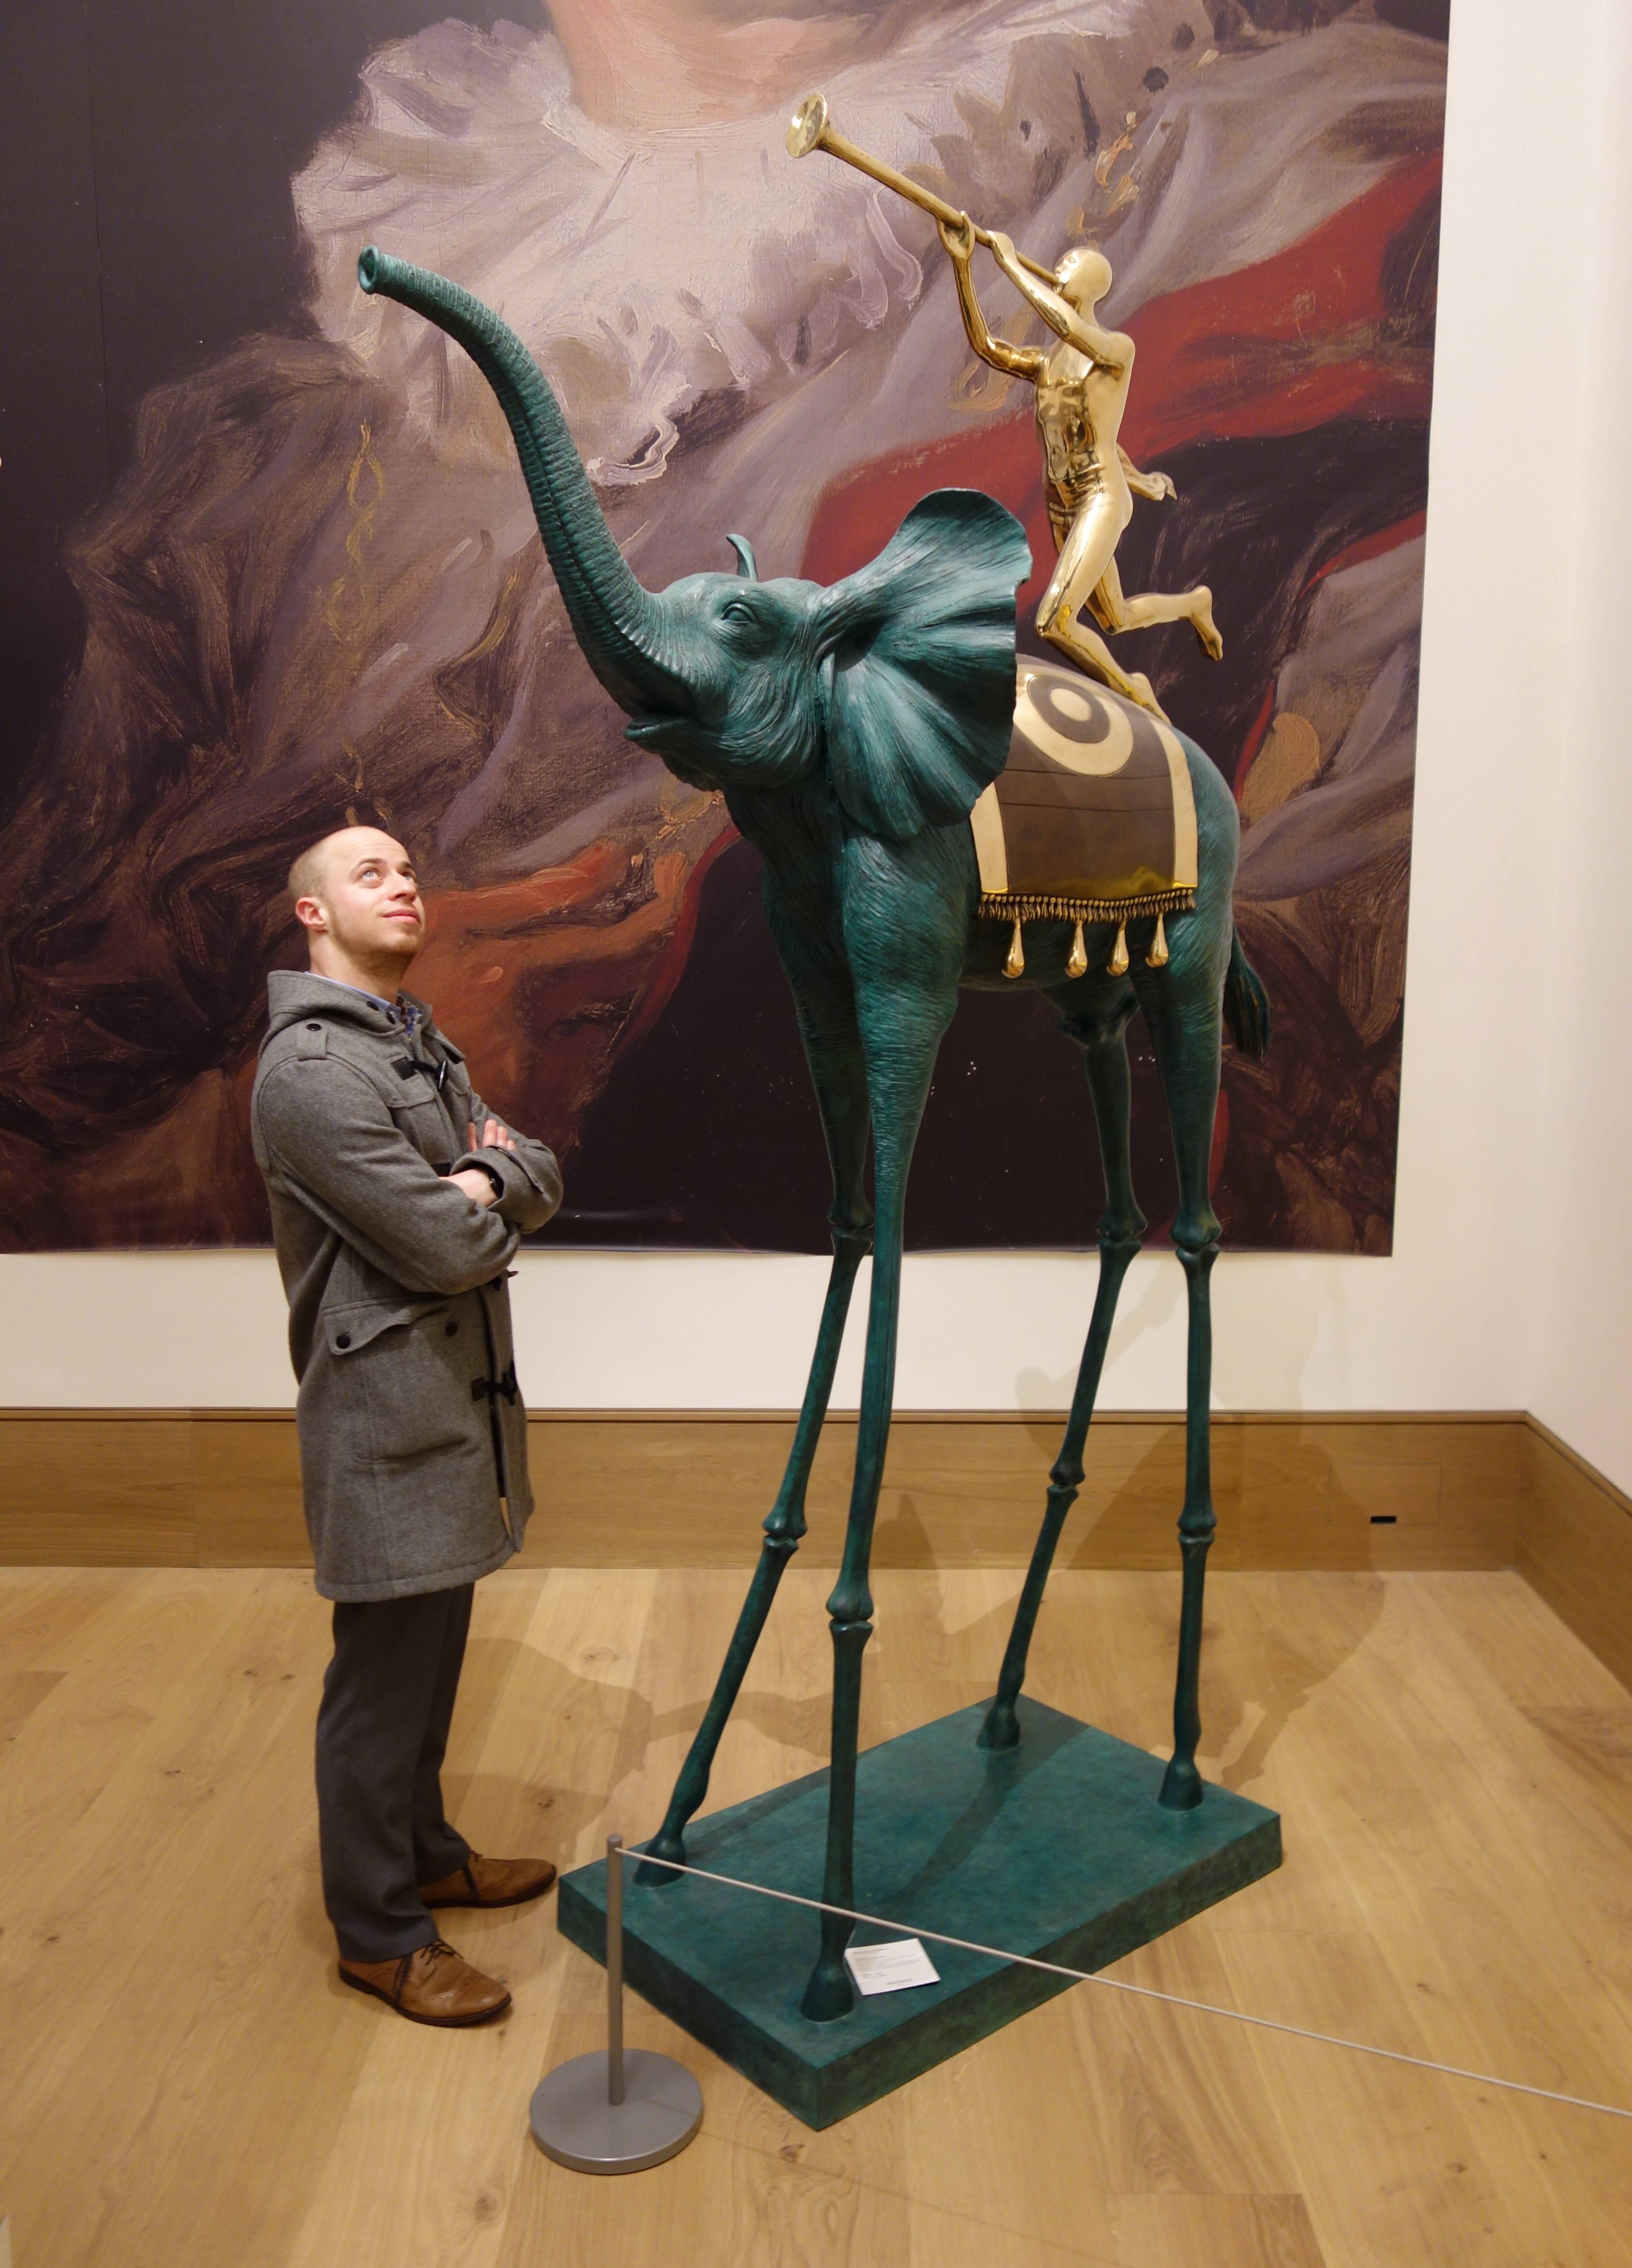 Большой, бронзовый, зелёный, с золотым ангелом на спине - Триумфальный Слон. Наш Слон!